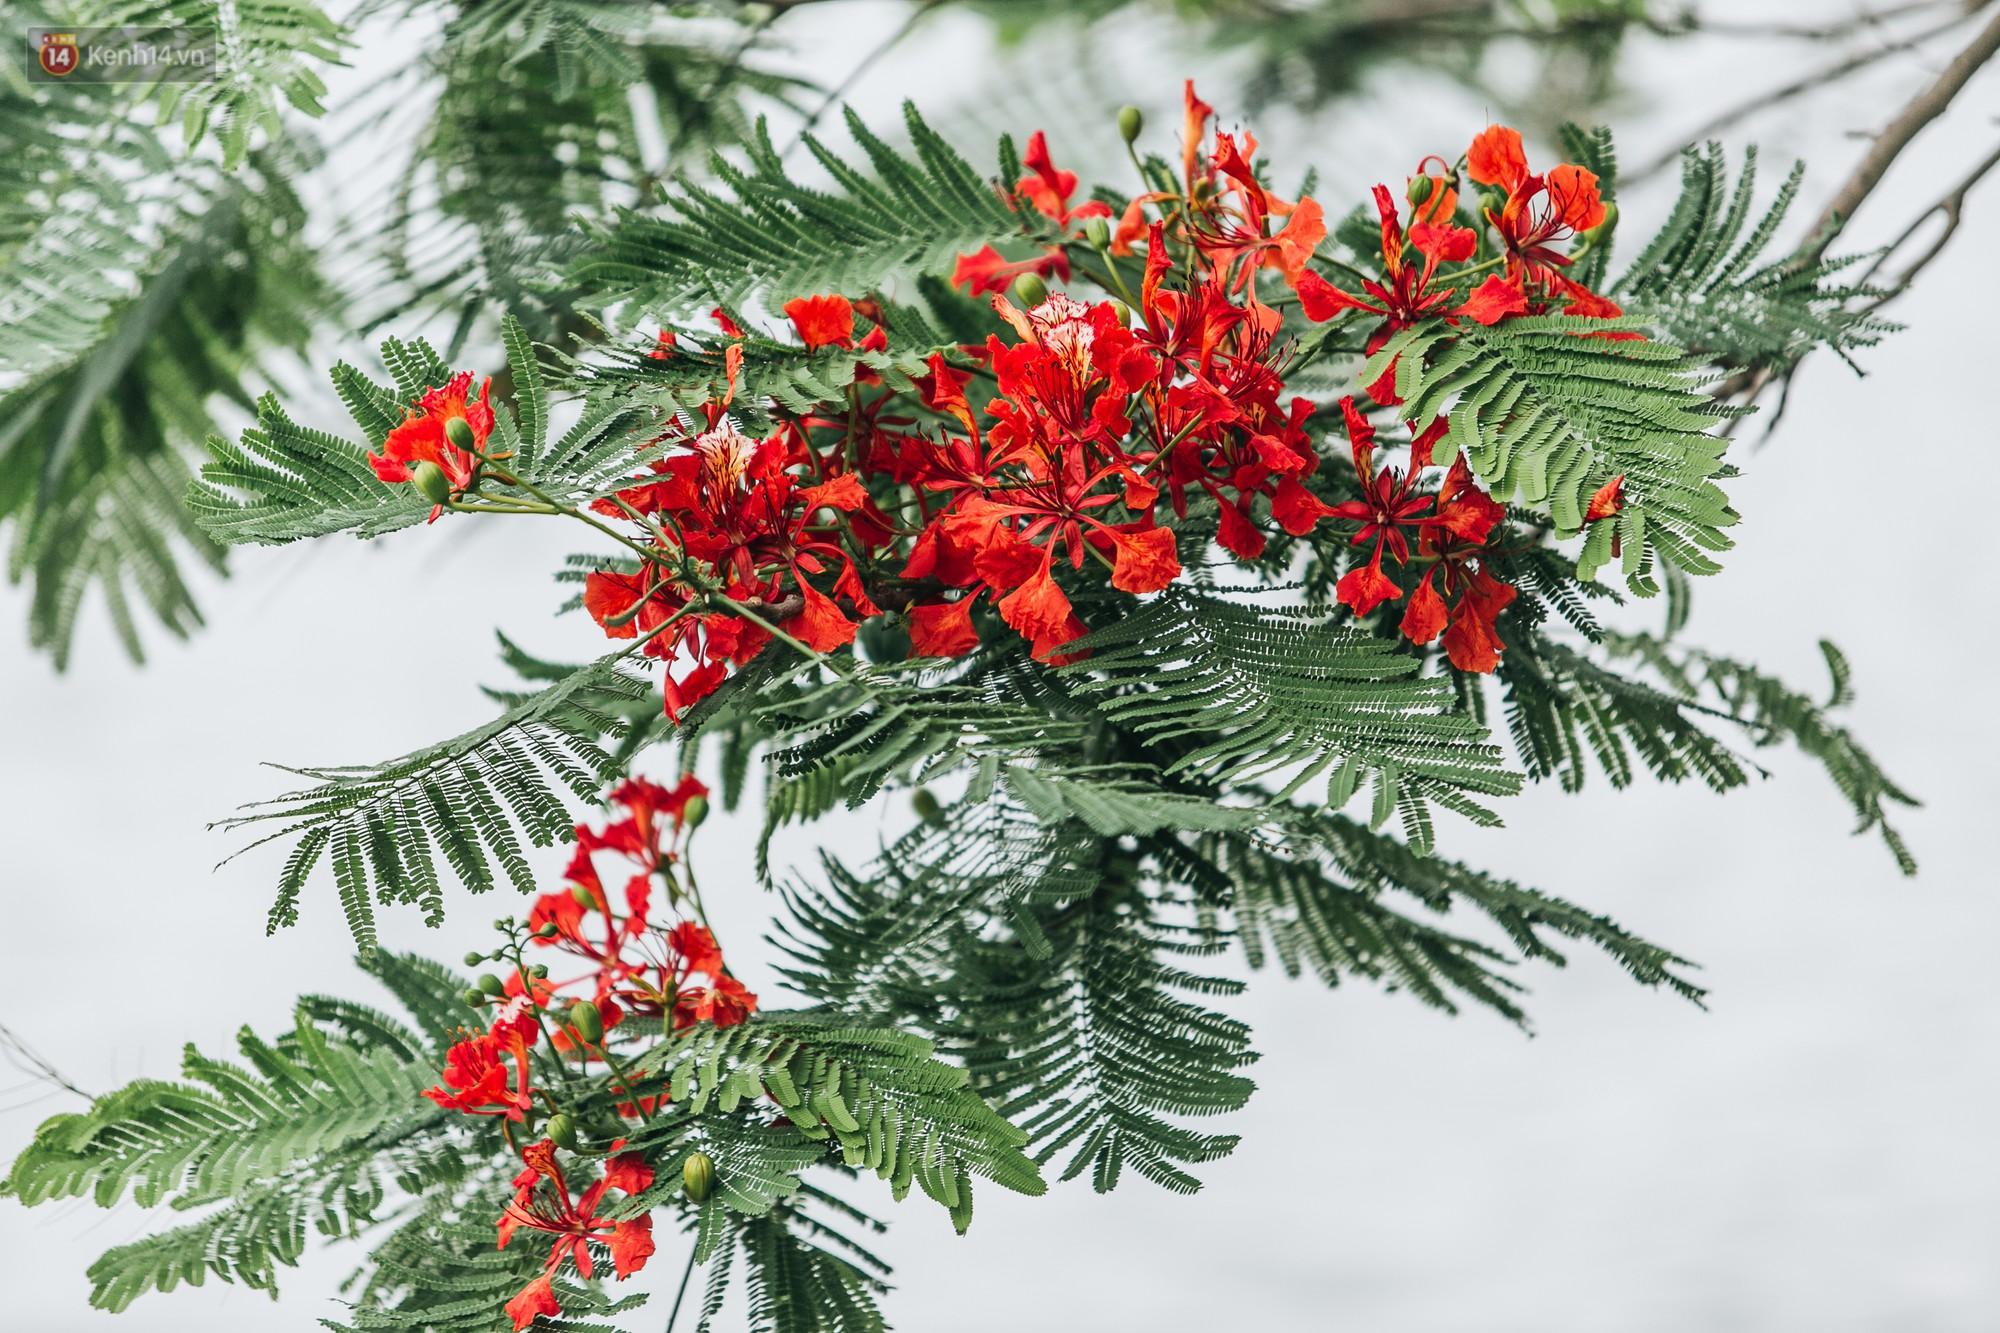 Chùm ảnh: Hà Nội và bản tình ca của những loài hoa mùa hạ thay nhau khoe sắc trên phố - Ảnh 5.